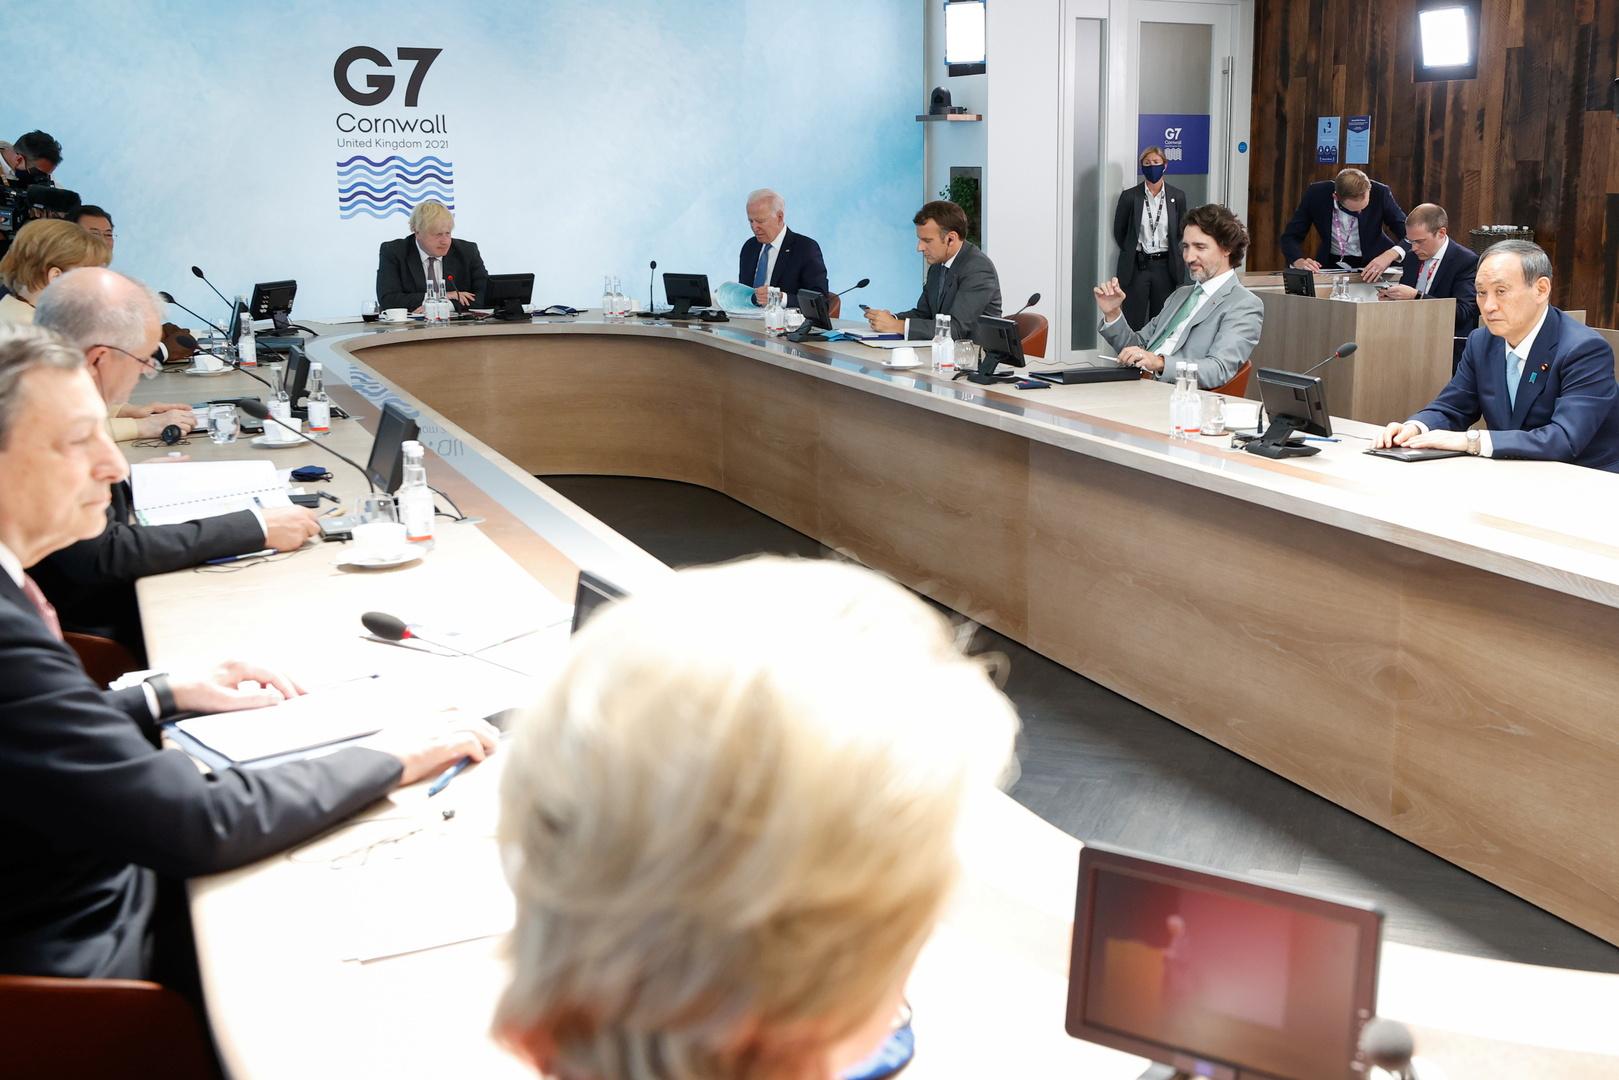 قمة G7 في كورنوال تطرح هدف إنهاء جائحة كورونا حتى 2022